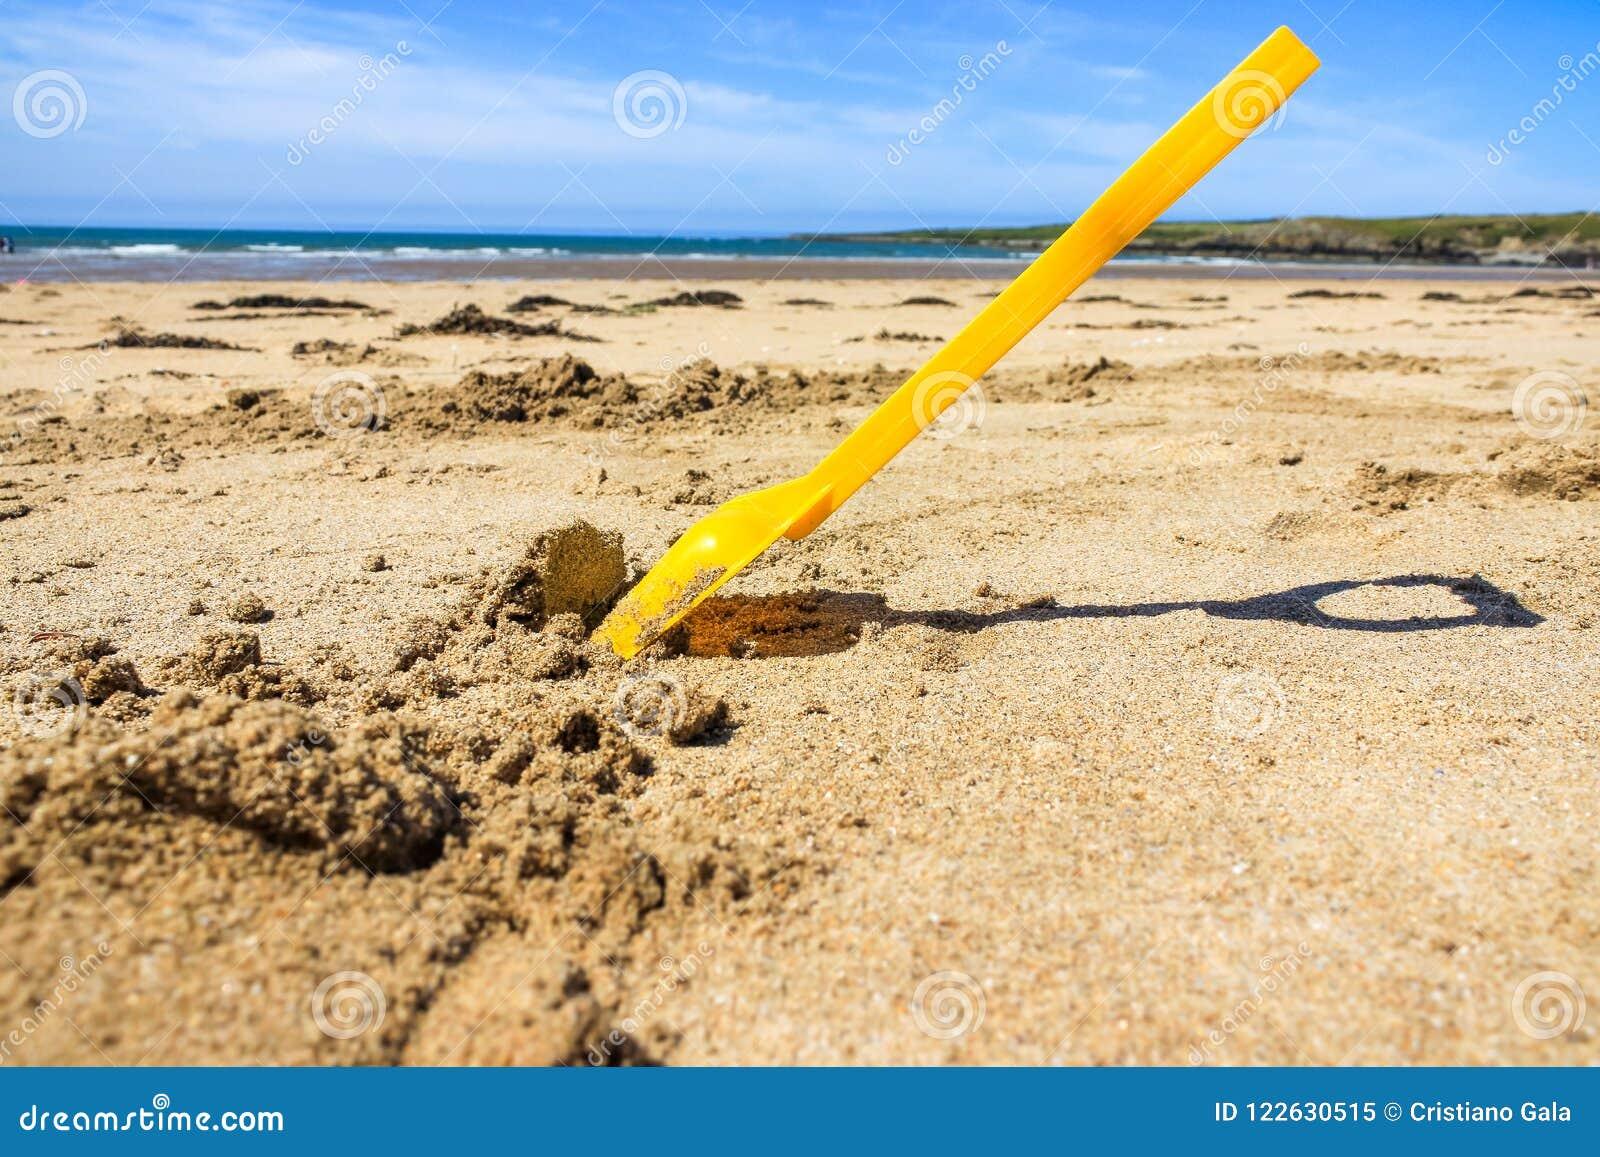 Brinquedo da pá, praia de Gales Reino Unido